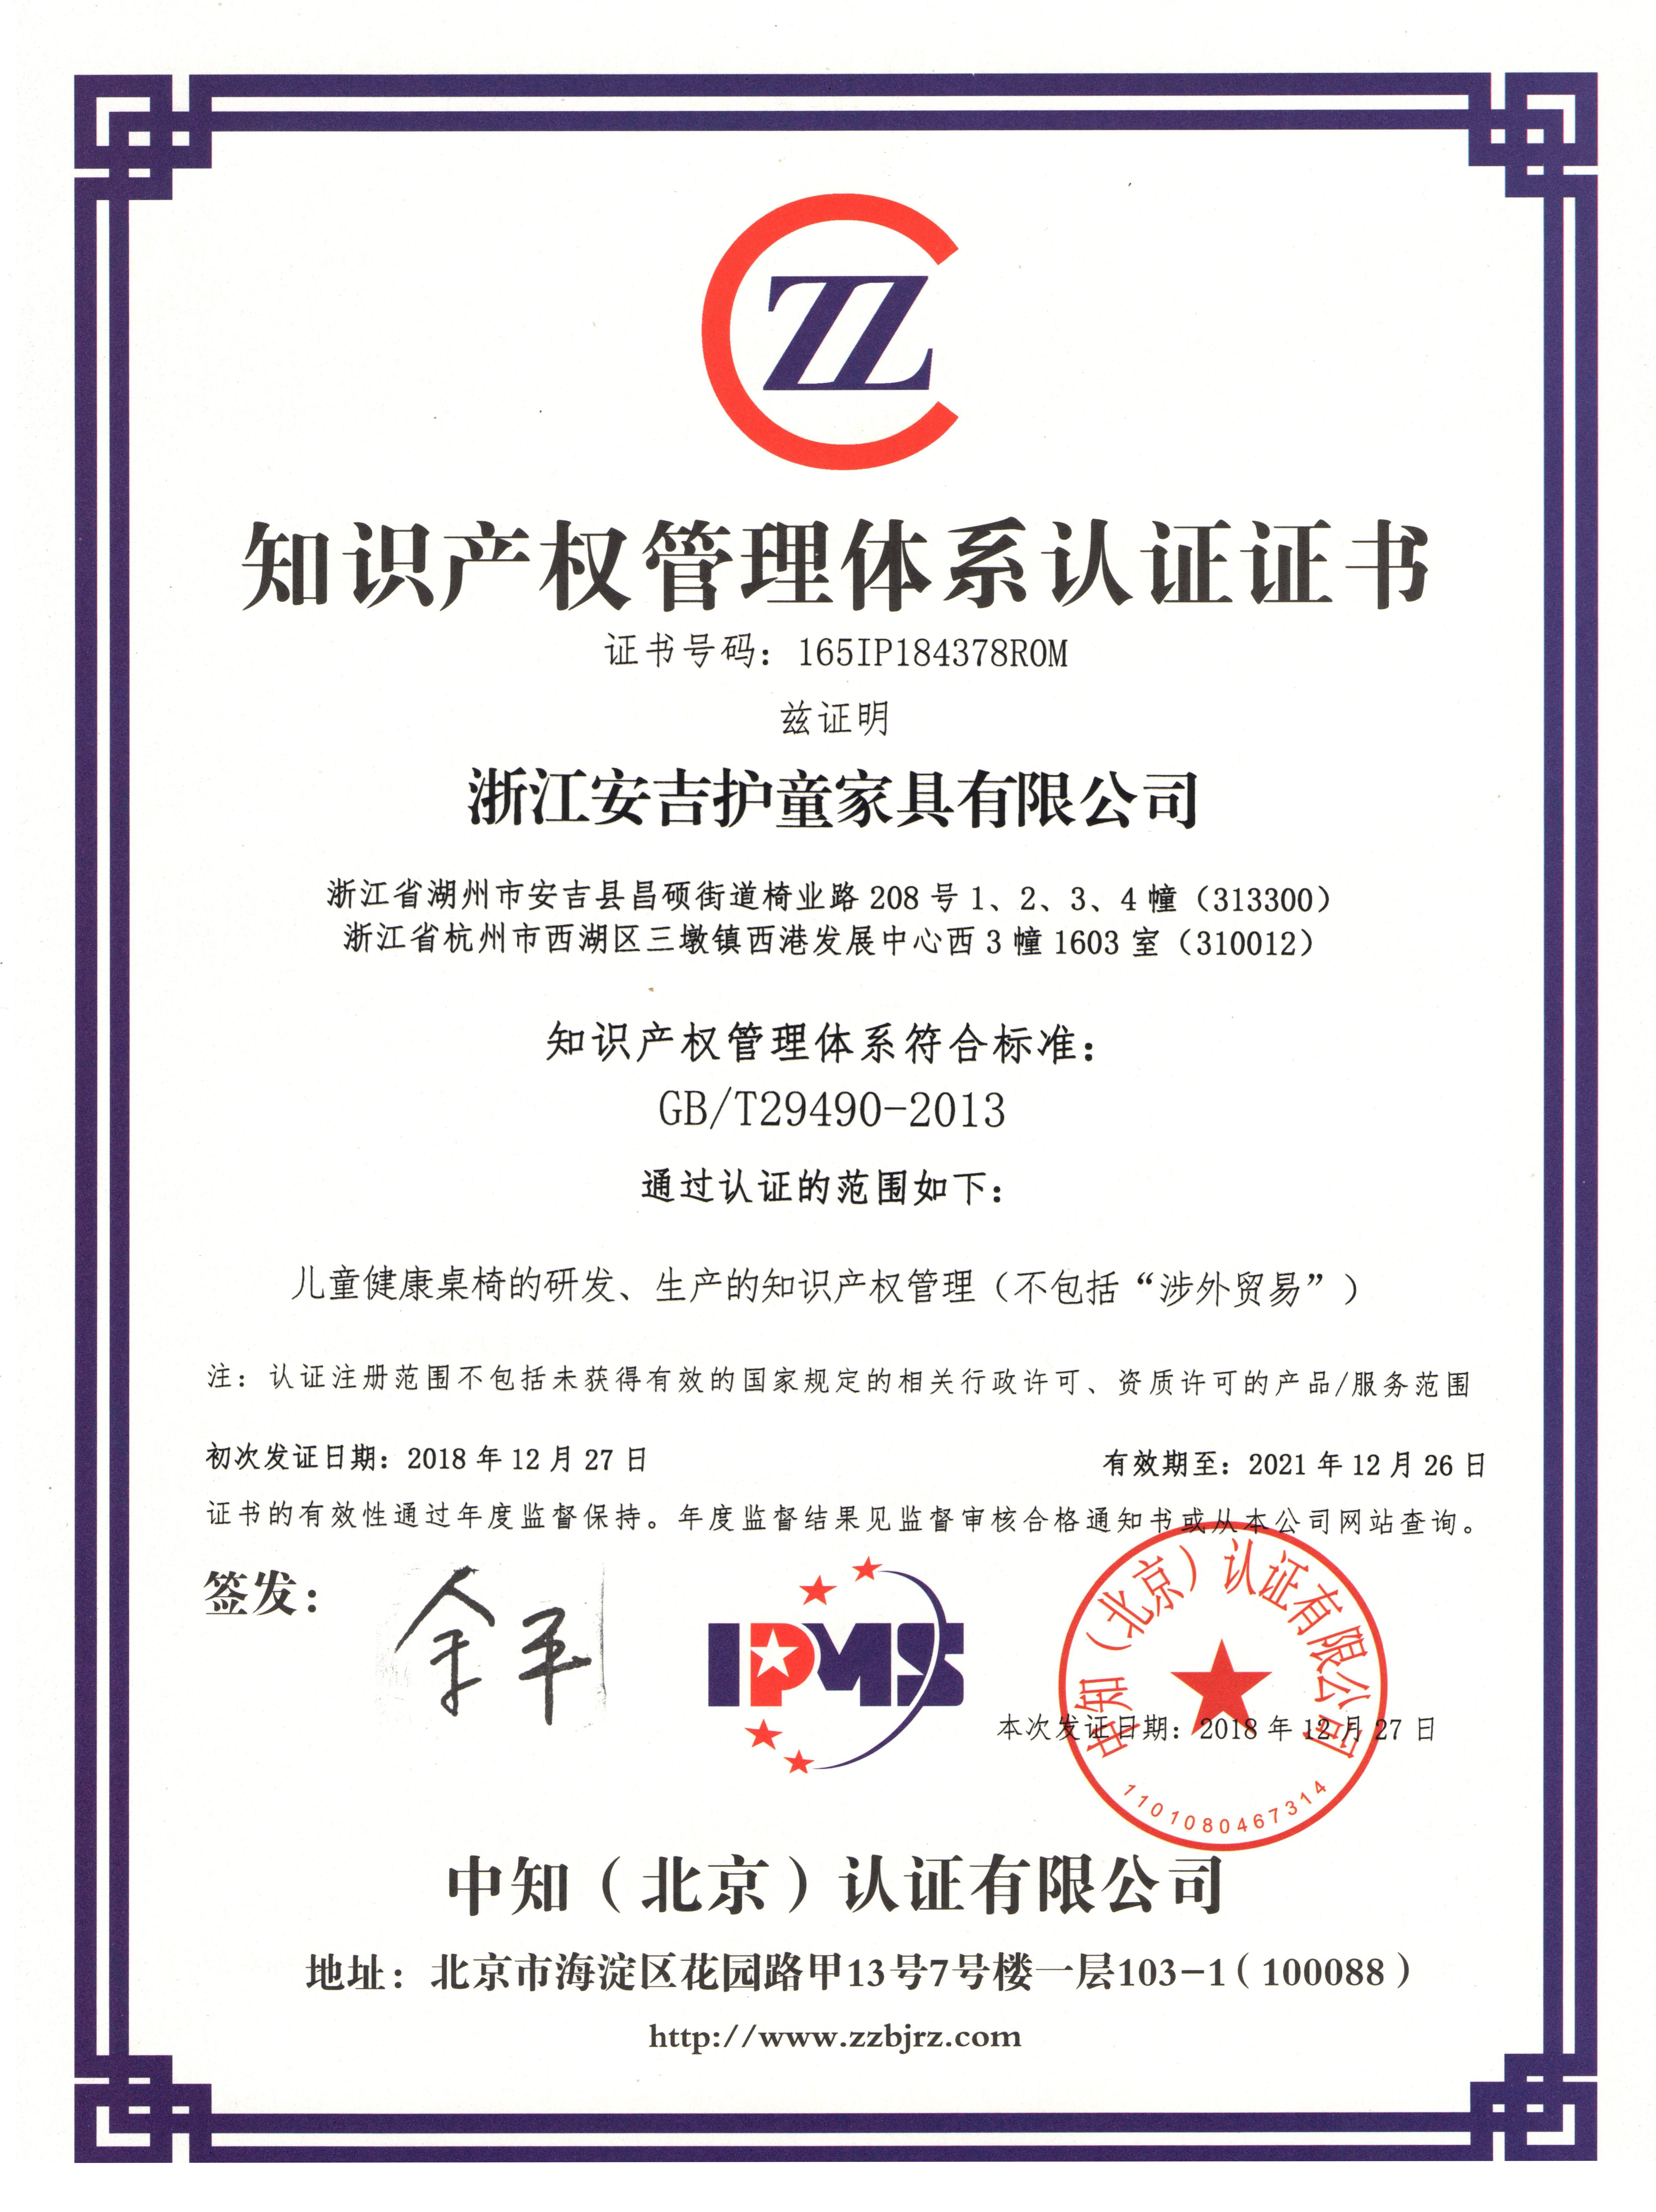 知识产权管理体系认证证书-安吉护童.jpg